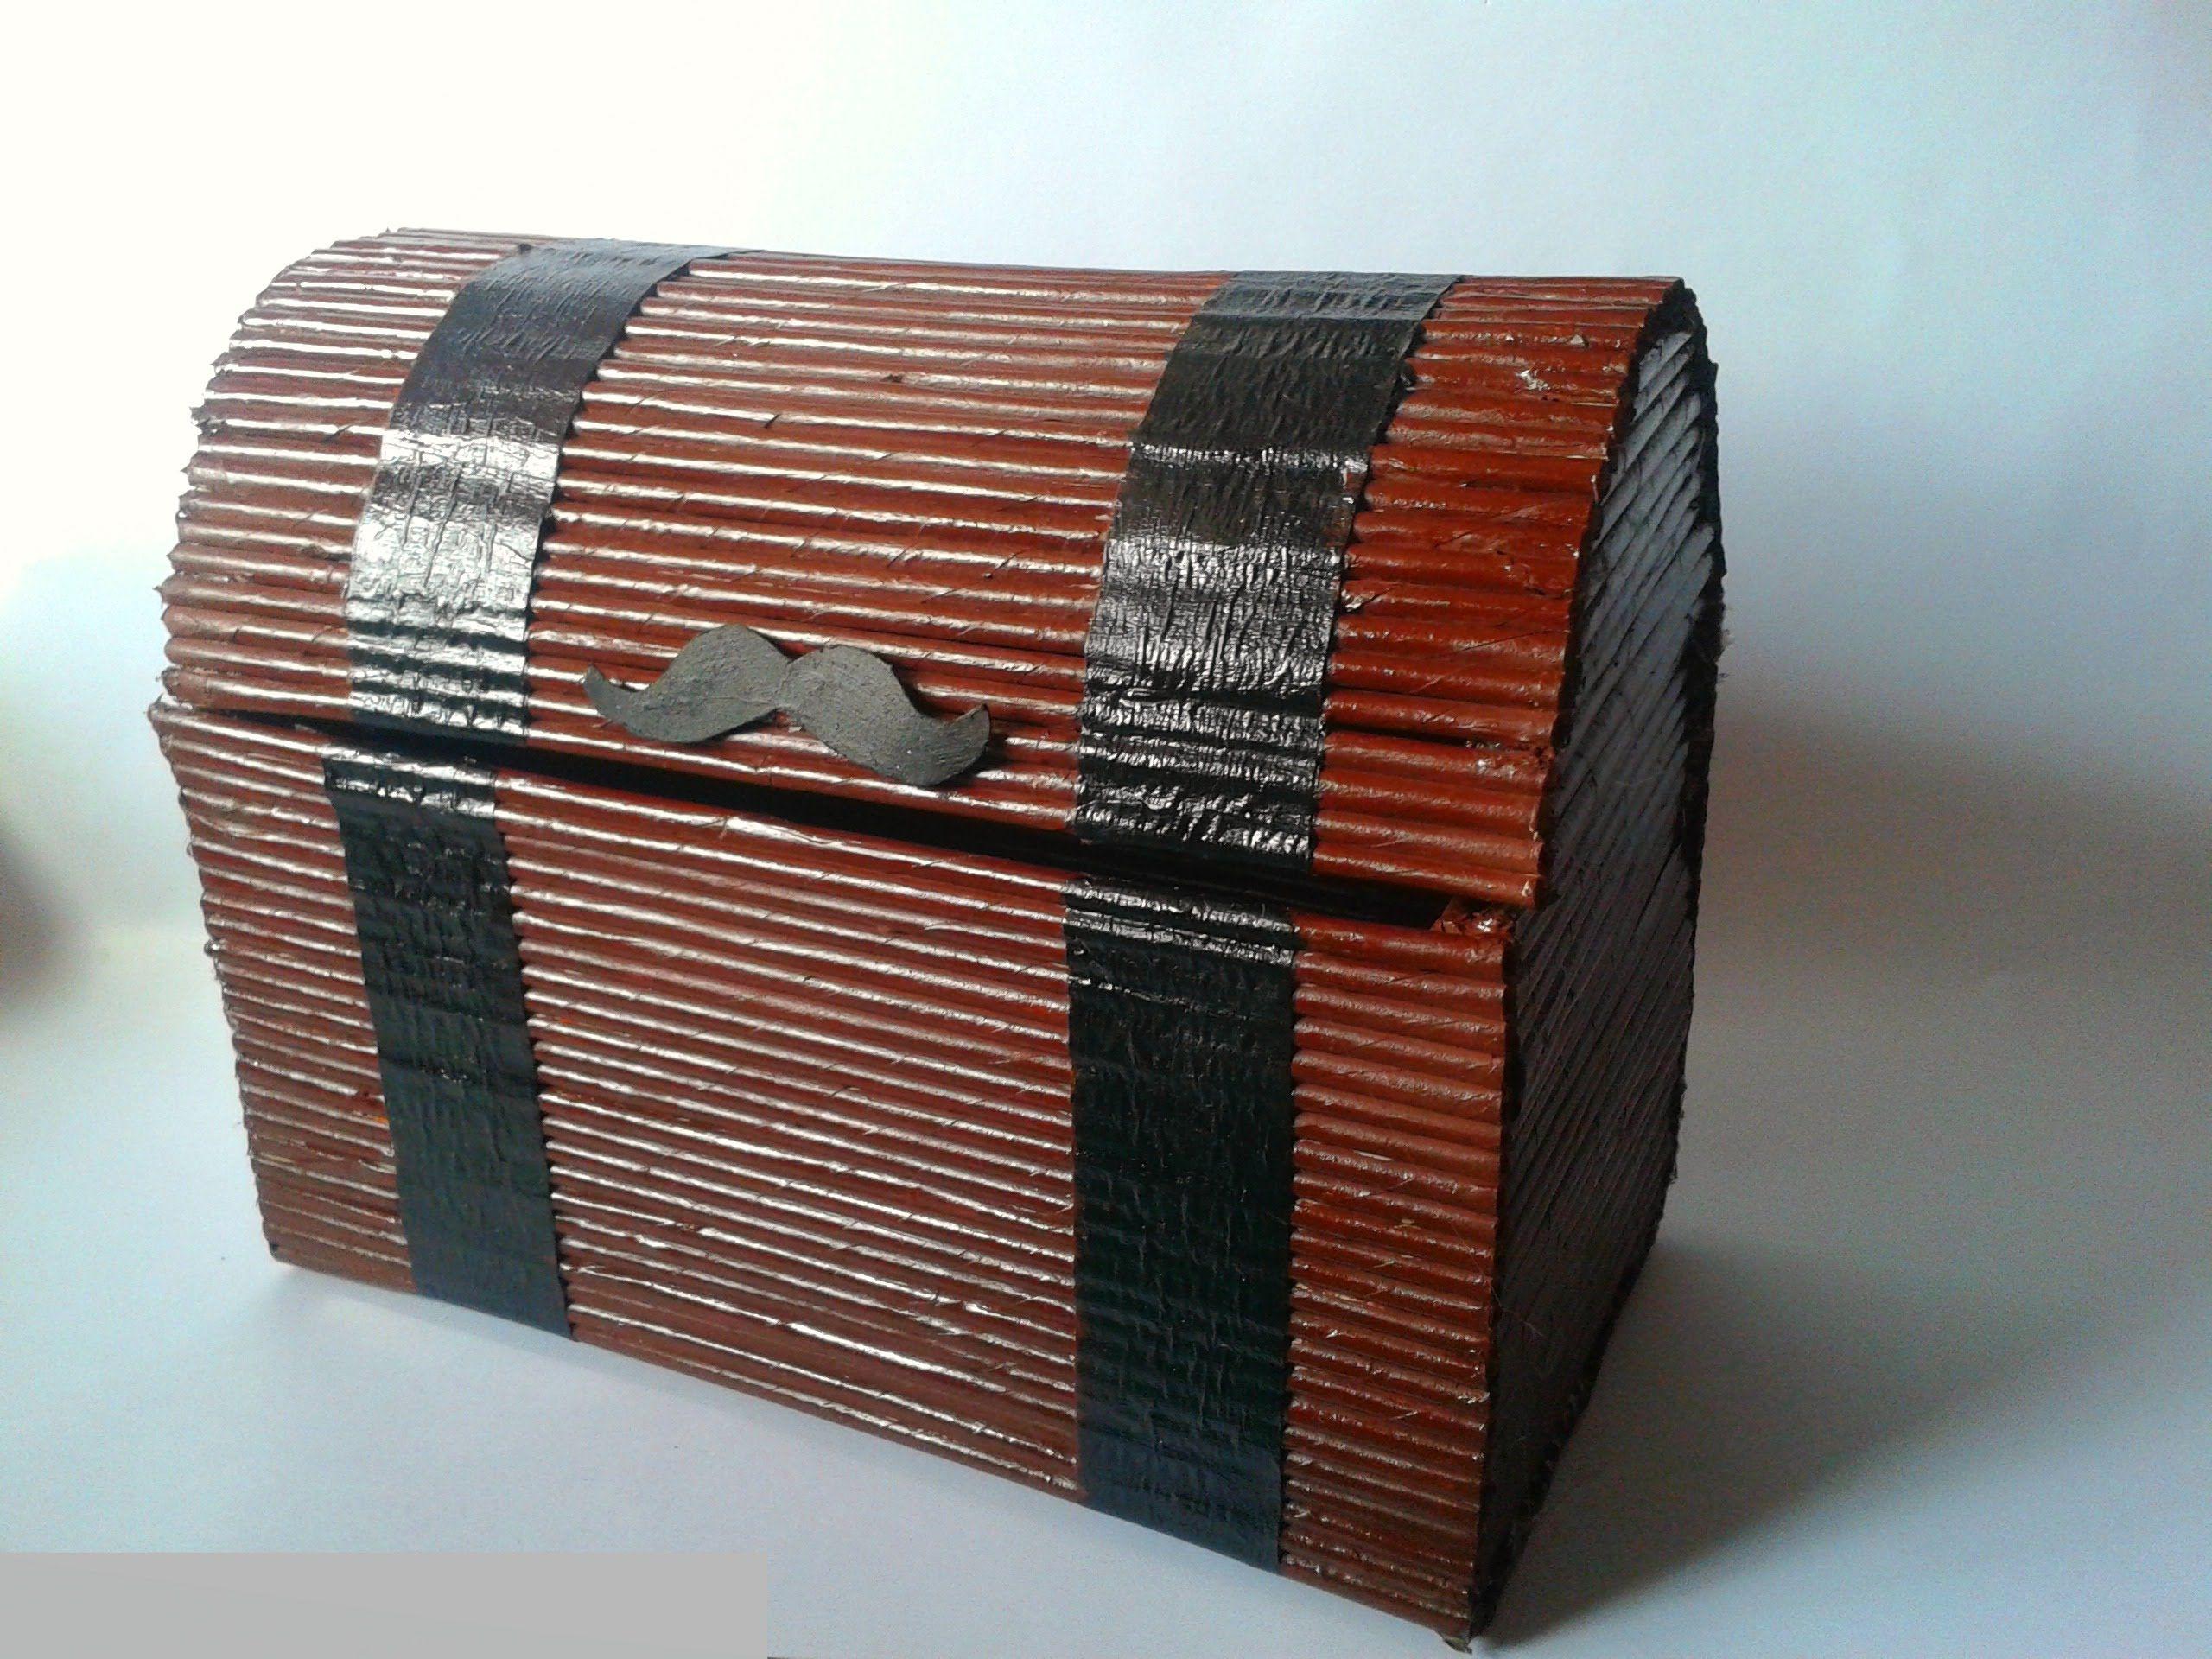 Como hacer un cofre con peri dico manualidades ani crafts hobi pinterest paper basket - Imagenes de muebles de carton ...